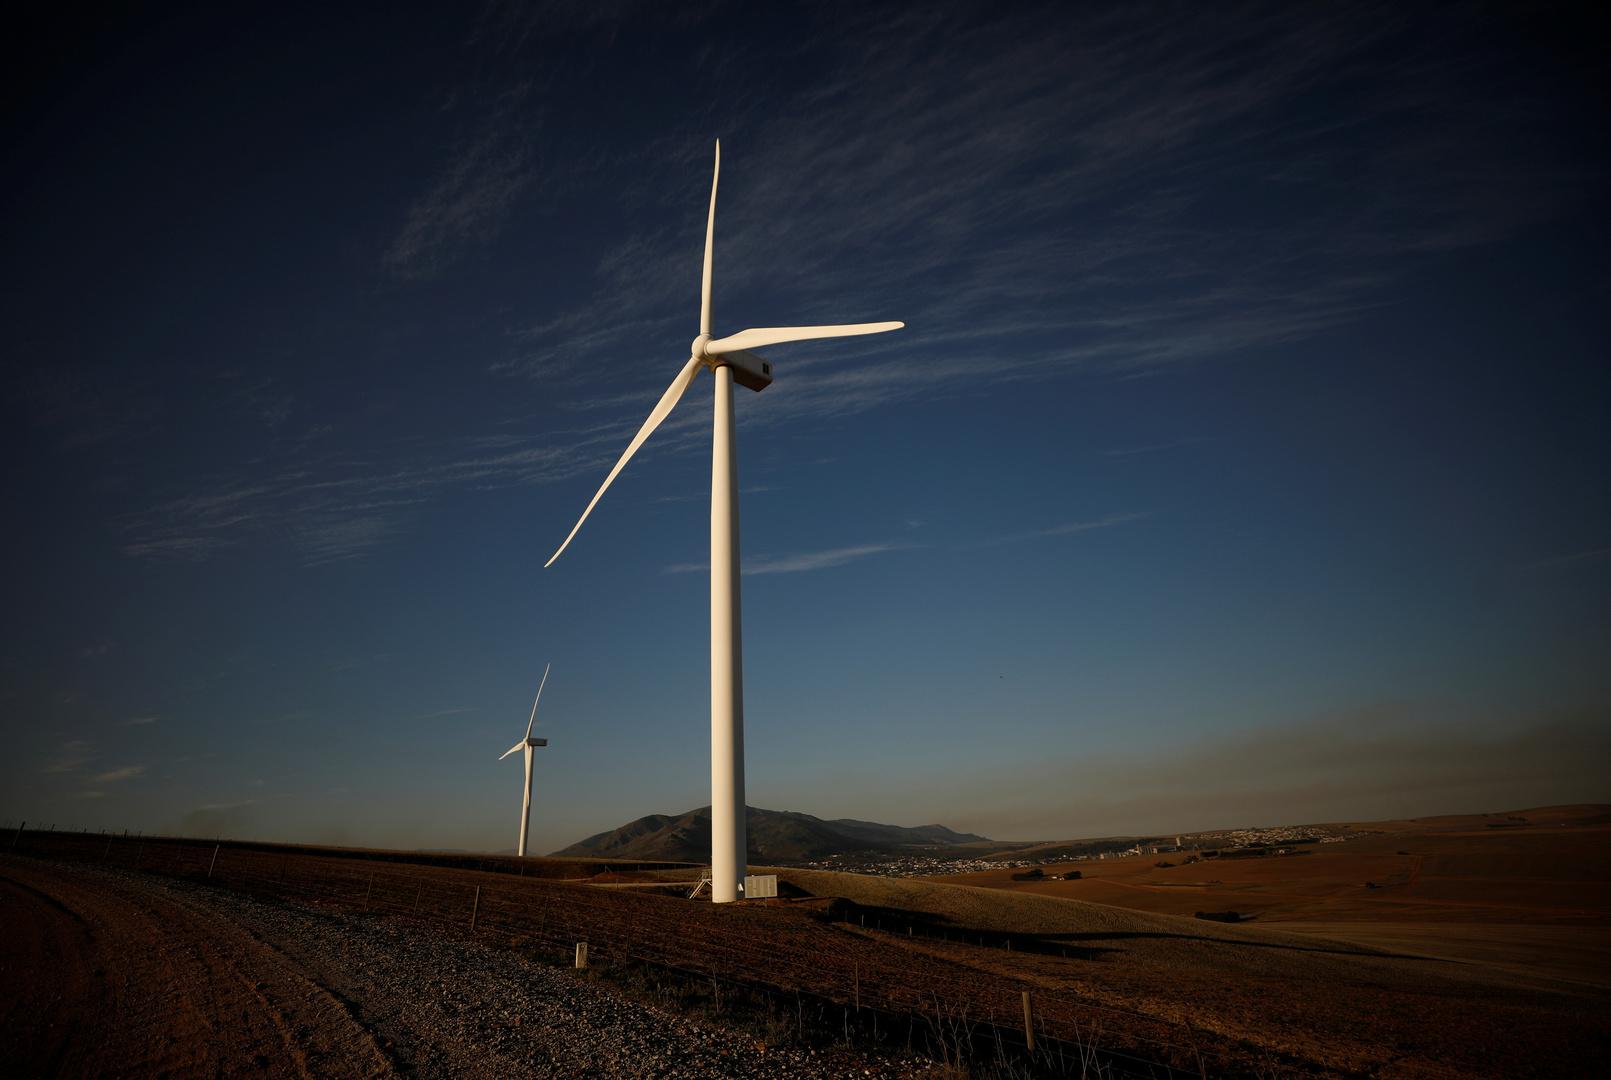 شركة إماراتية ستشيد وتشغل مزرعة صخمة للطاقة المتجددة في أوزبكستان